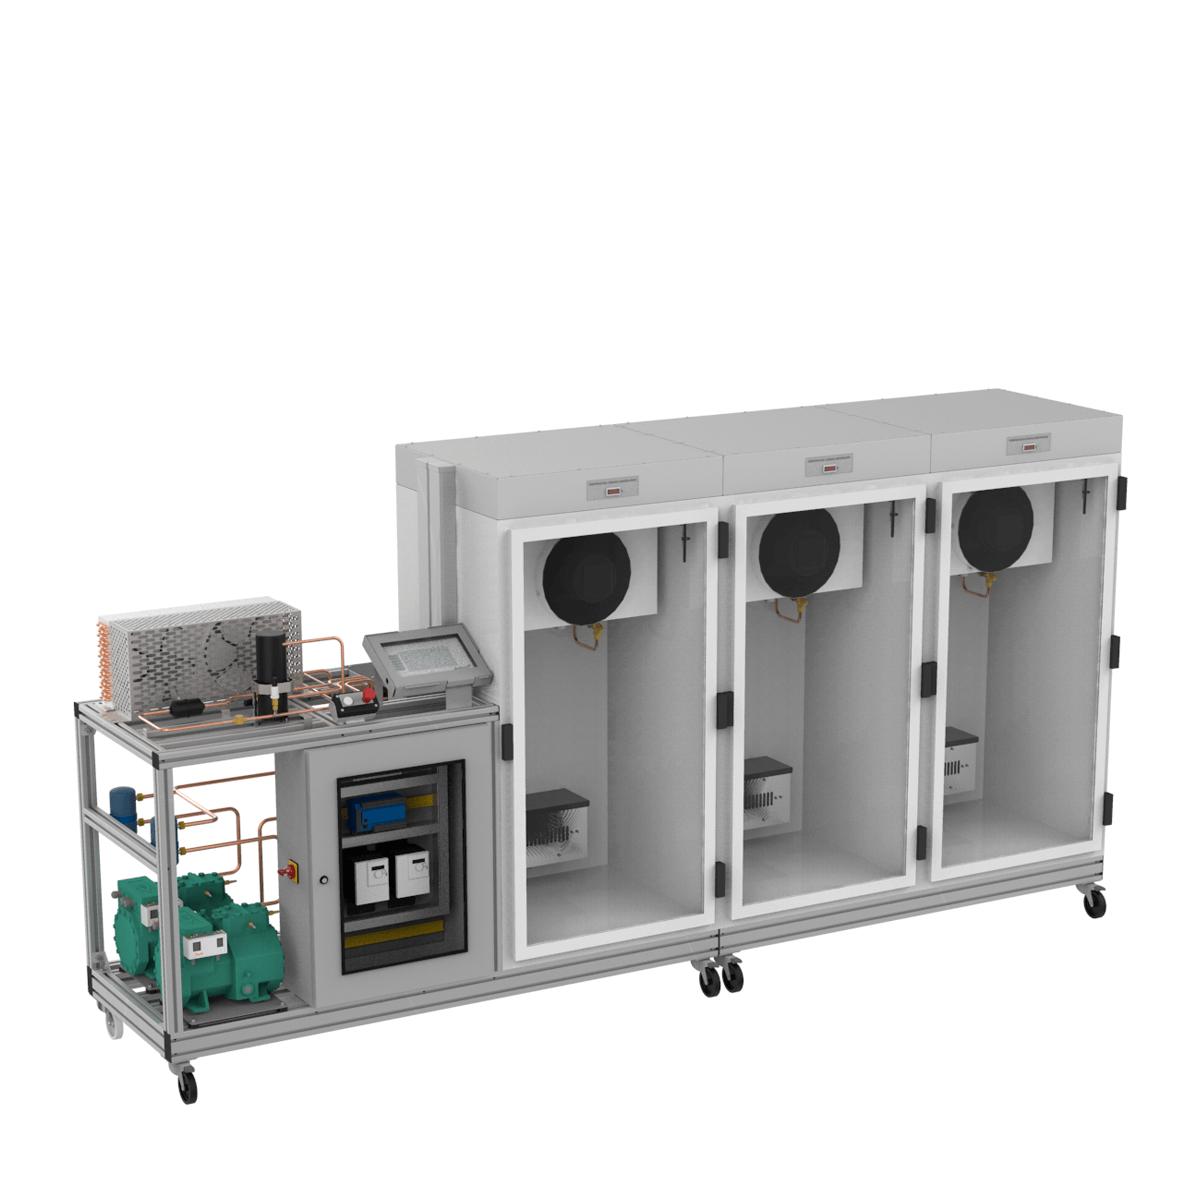 lab-de-refrigeracao-comercial-bancada-didatica-balcao-de-refrigeracao-comercial-auttom-2